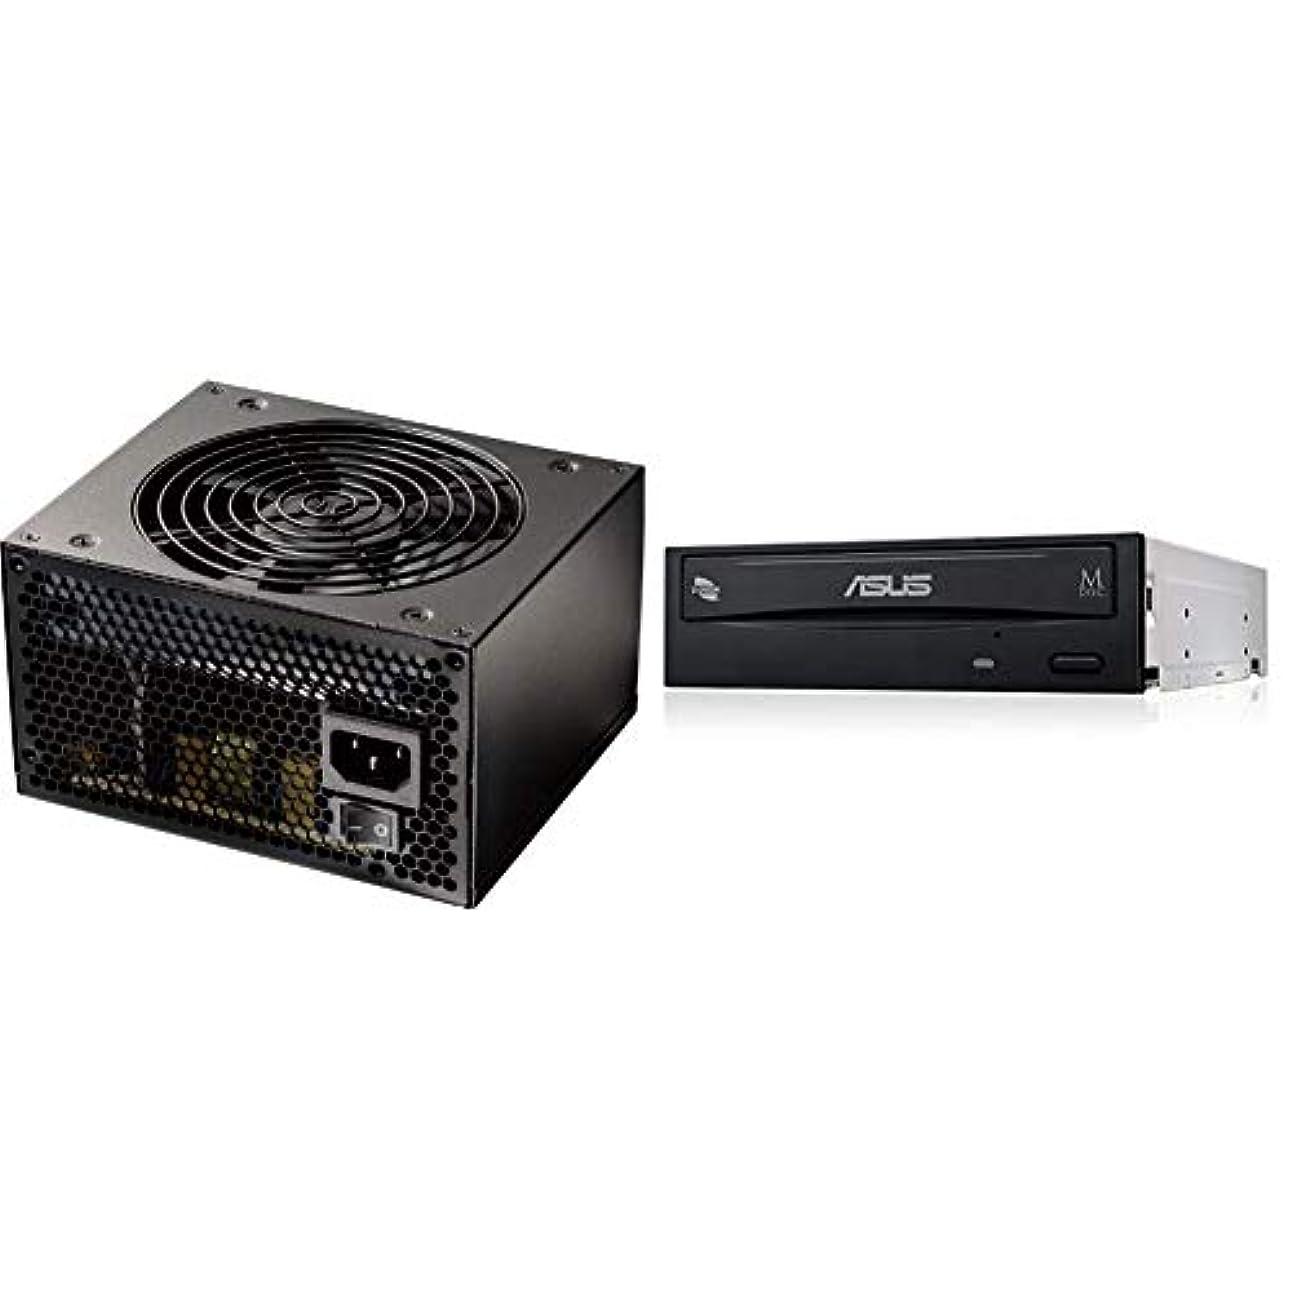 裁判所歩行者お客様玄人志向 NEXTシリーズ 80 PLUS Bronze 500W ATX電源 KRPW-N500W/85+ & Asus Windows10対応 M-DISC対応 最大24倍速書込 SATA接続 DVD/CDライティングソフト付き DRW-24D5MT